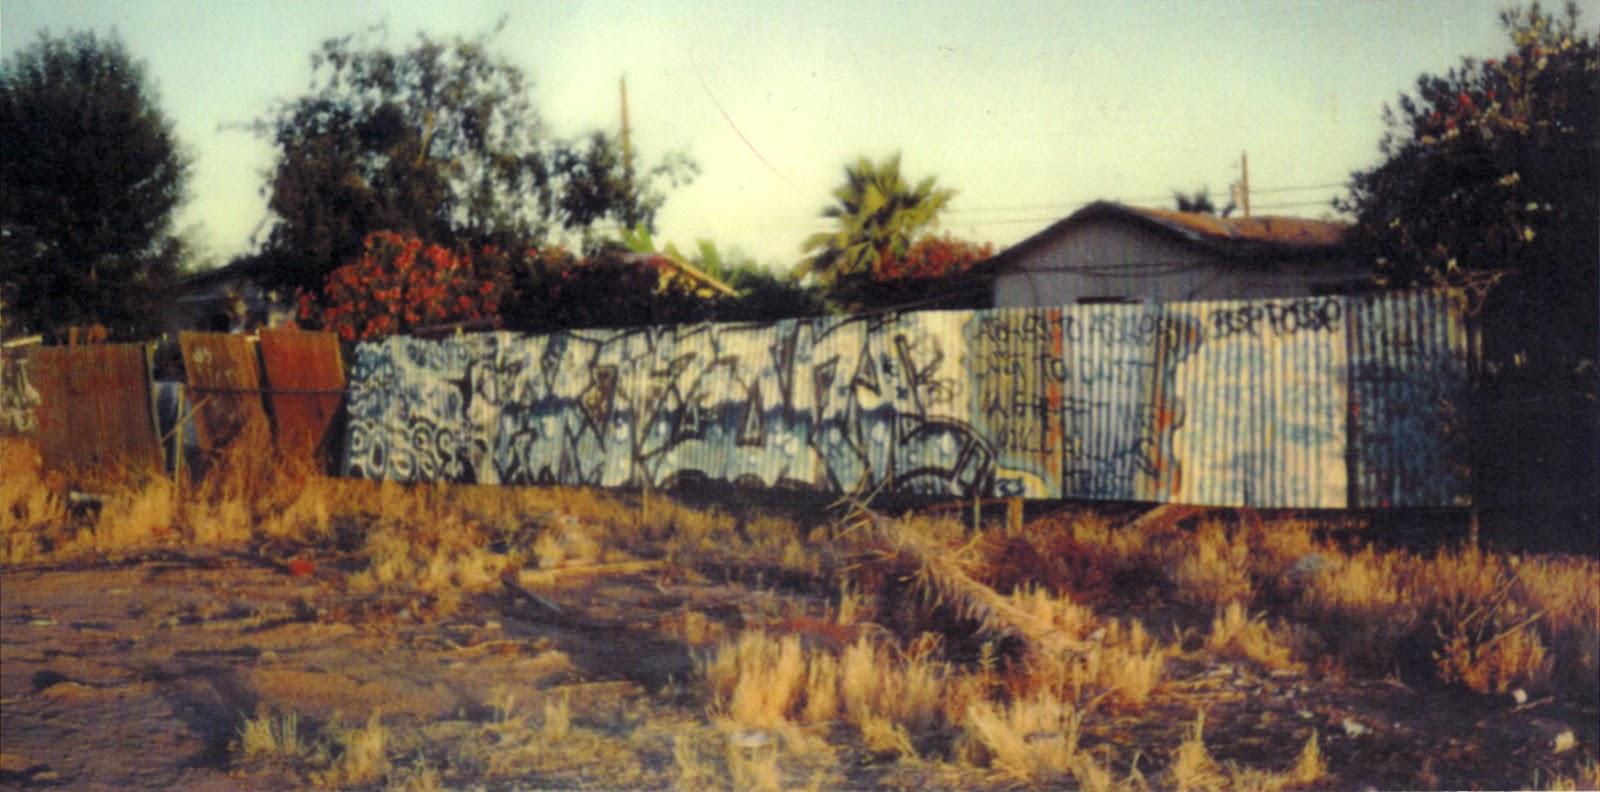 Mac art nuestra gente new mural in phoenix for Mural nuestra carne